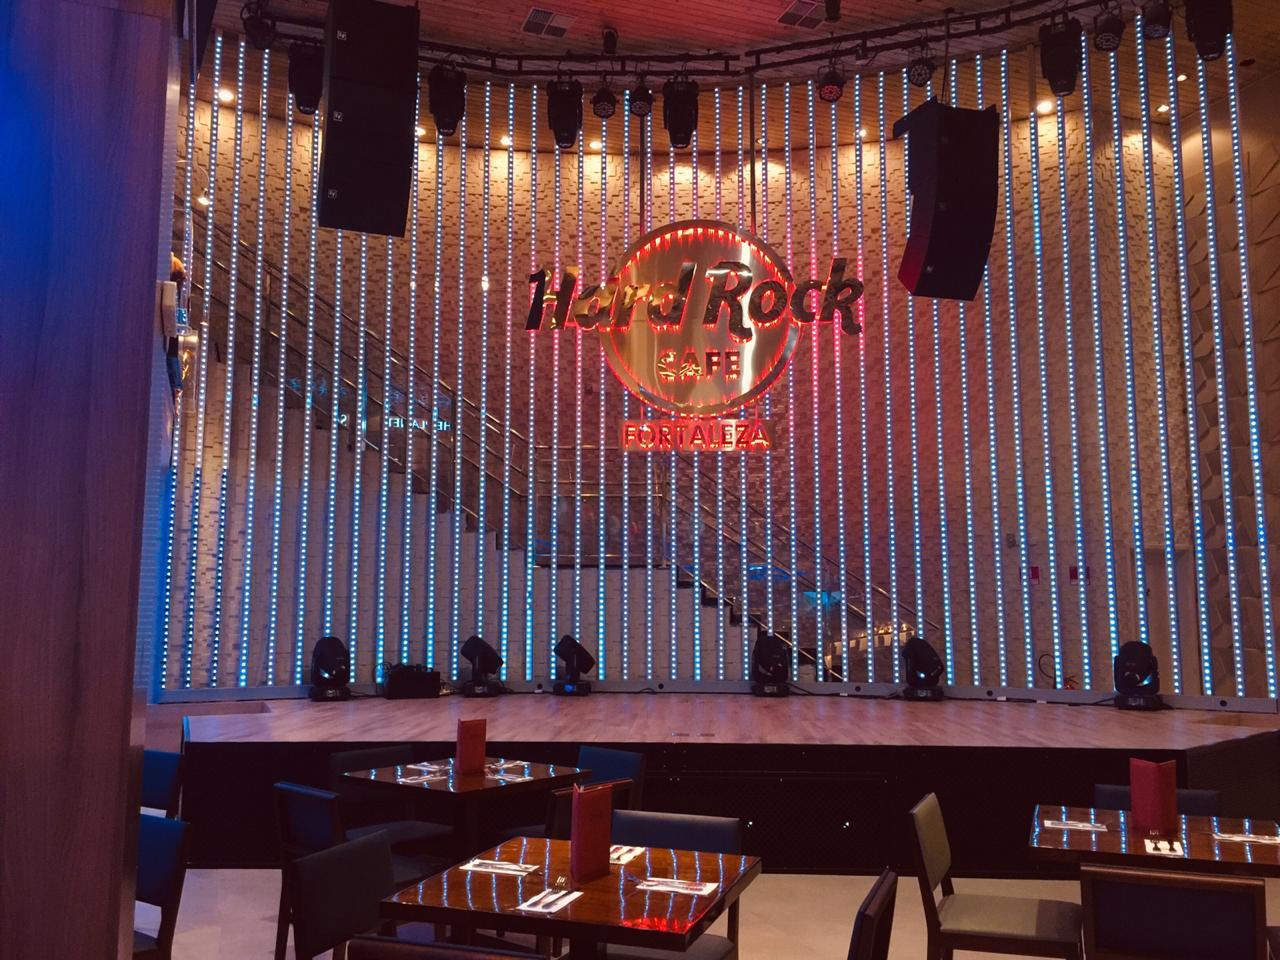 Hard Rock Cafe Fortaleza tem programação musical para os amantes do Rock